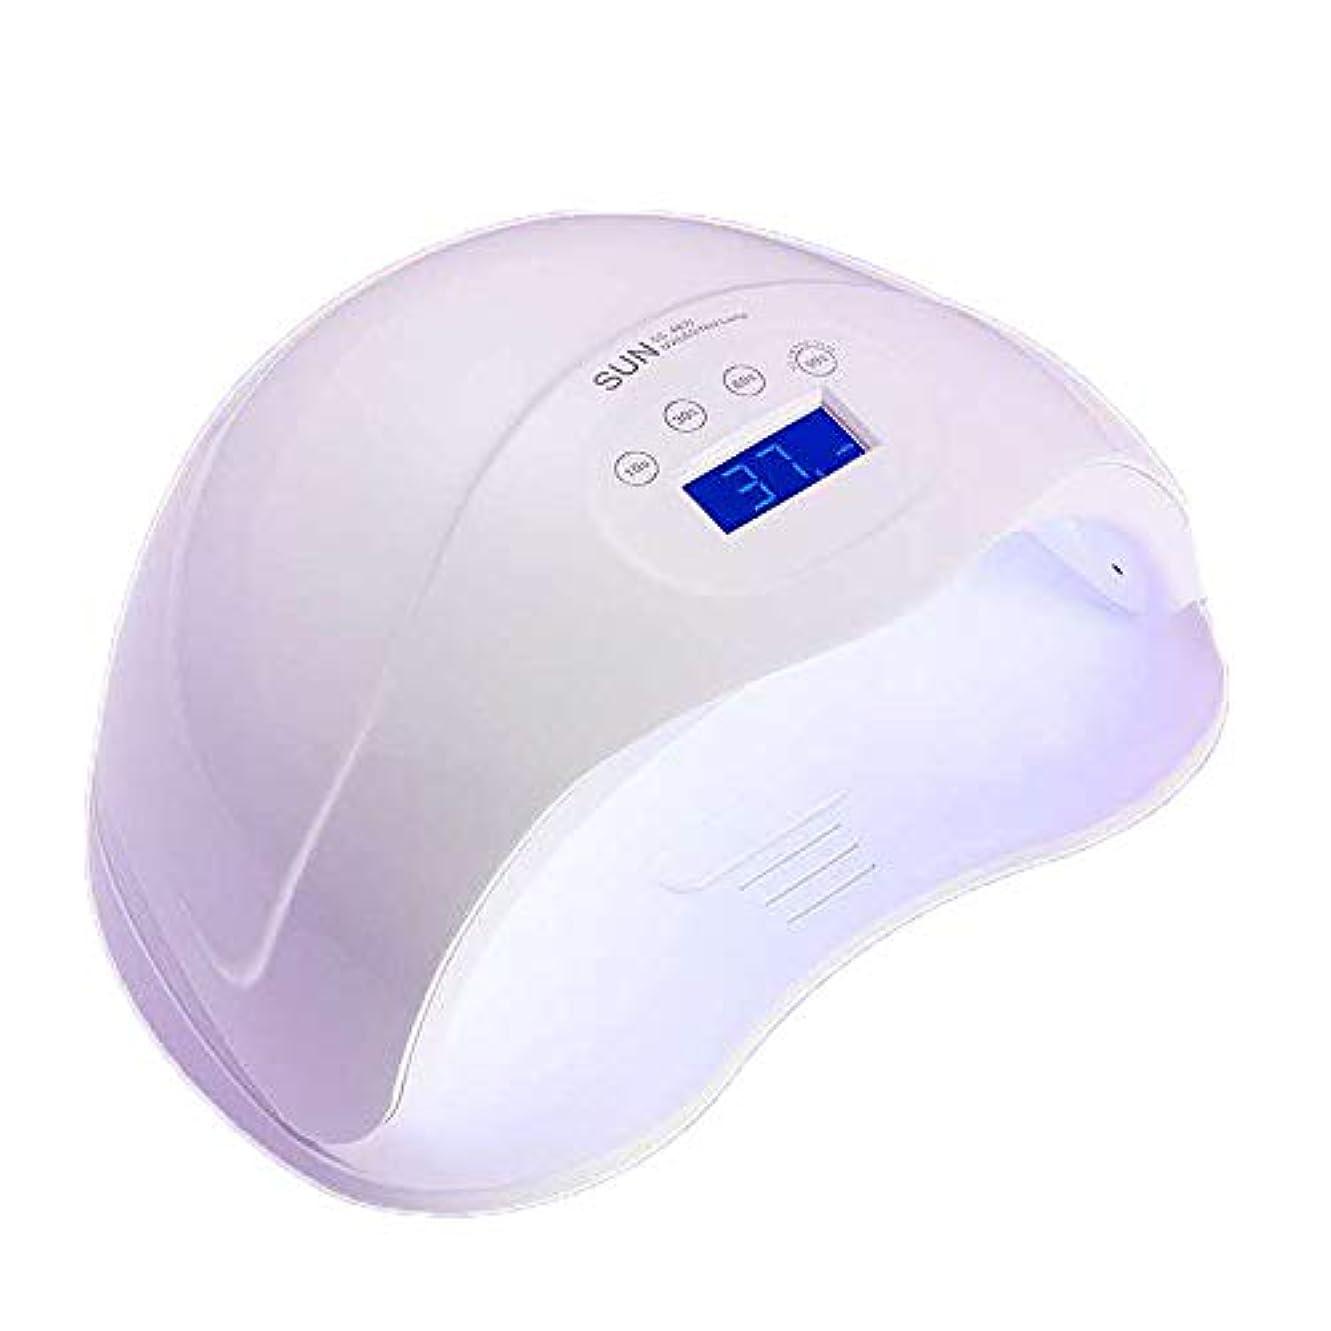 ようこそ無臭正確なネイルライト48W、UV/LEDネイルドライヤー痛みのない硬化光自動誘導LEDディスプレイ3タイマーセットネイルとトーネイルジェルポリッシュ